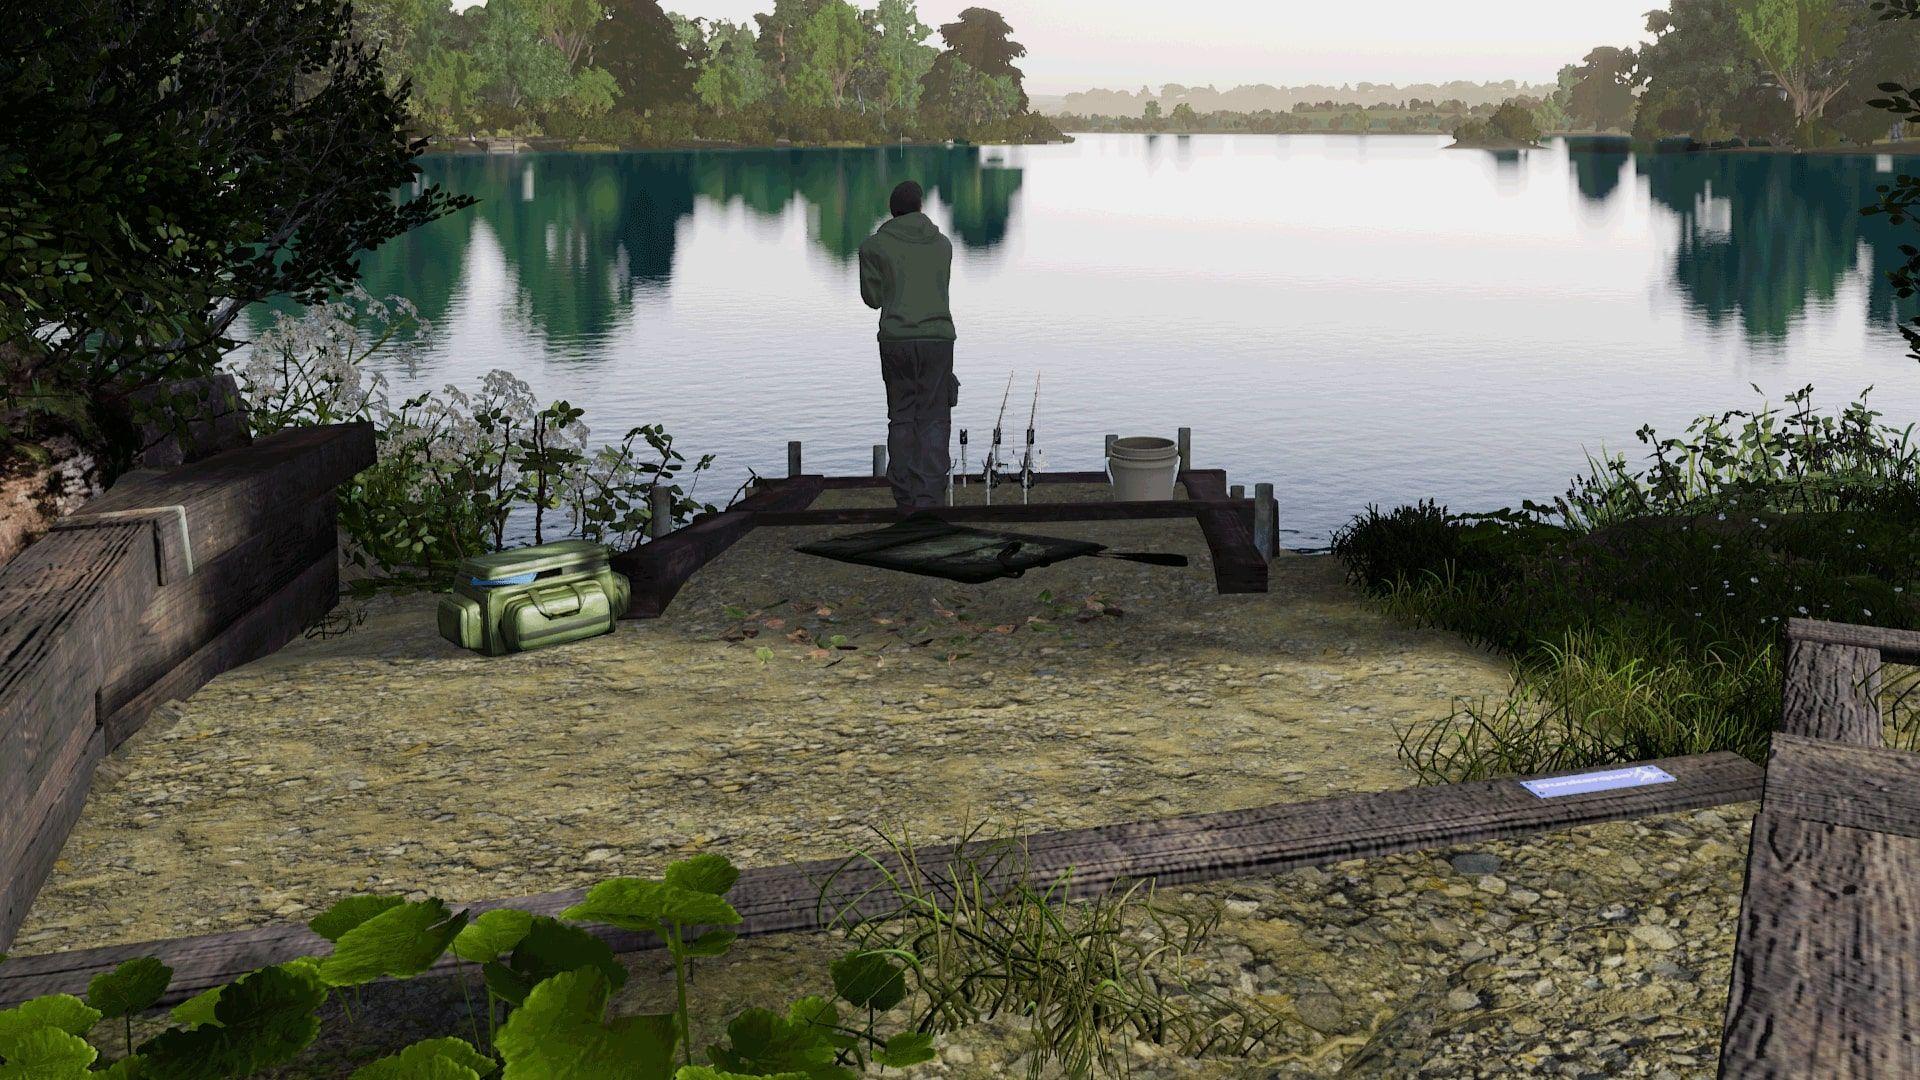 FISHINGSIMWORLDPTGIGANTICA2.jpg